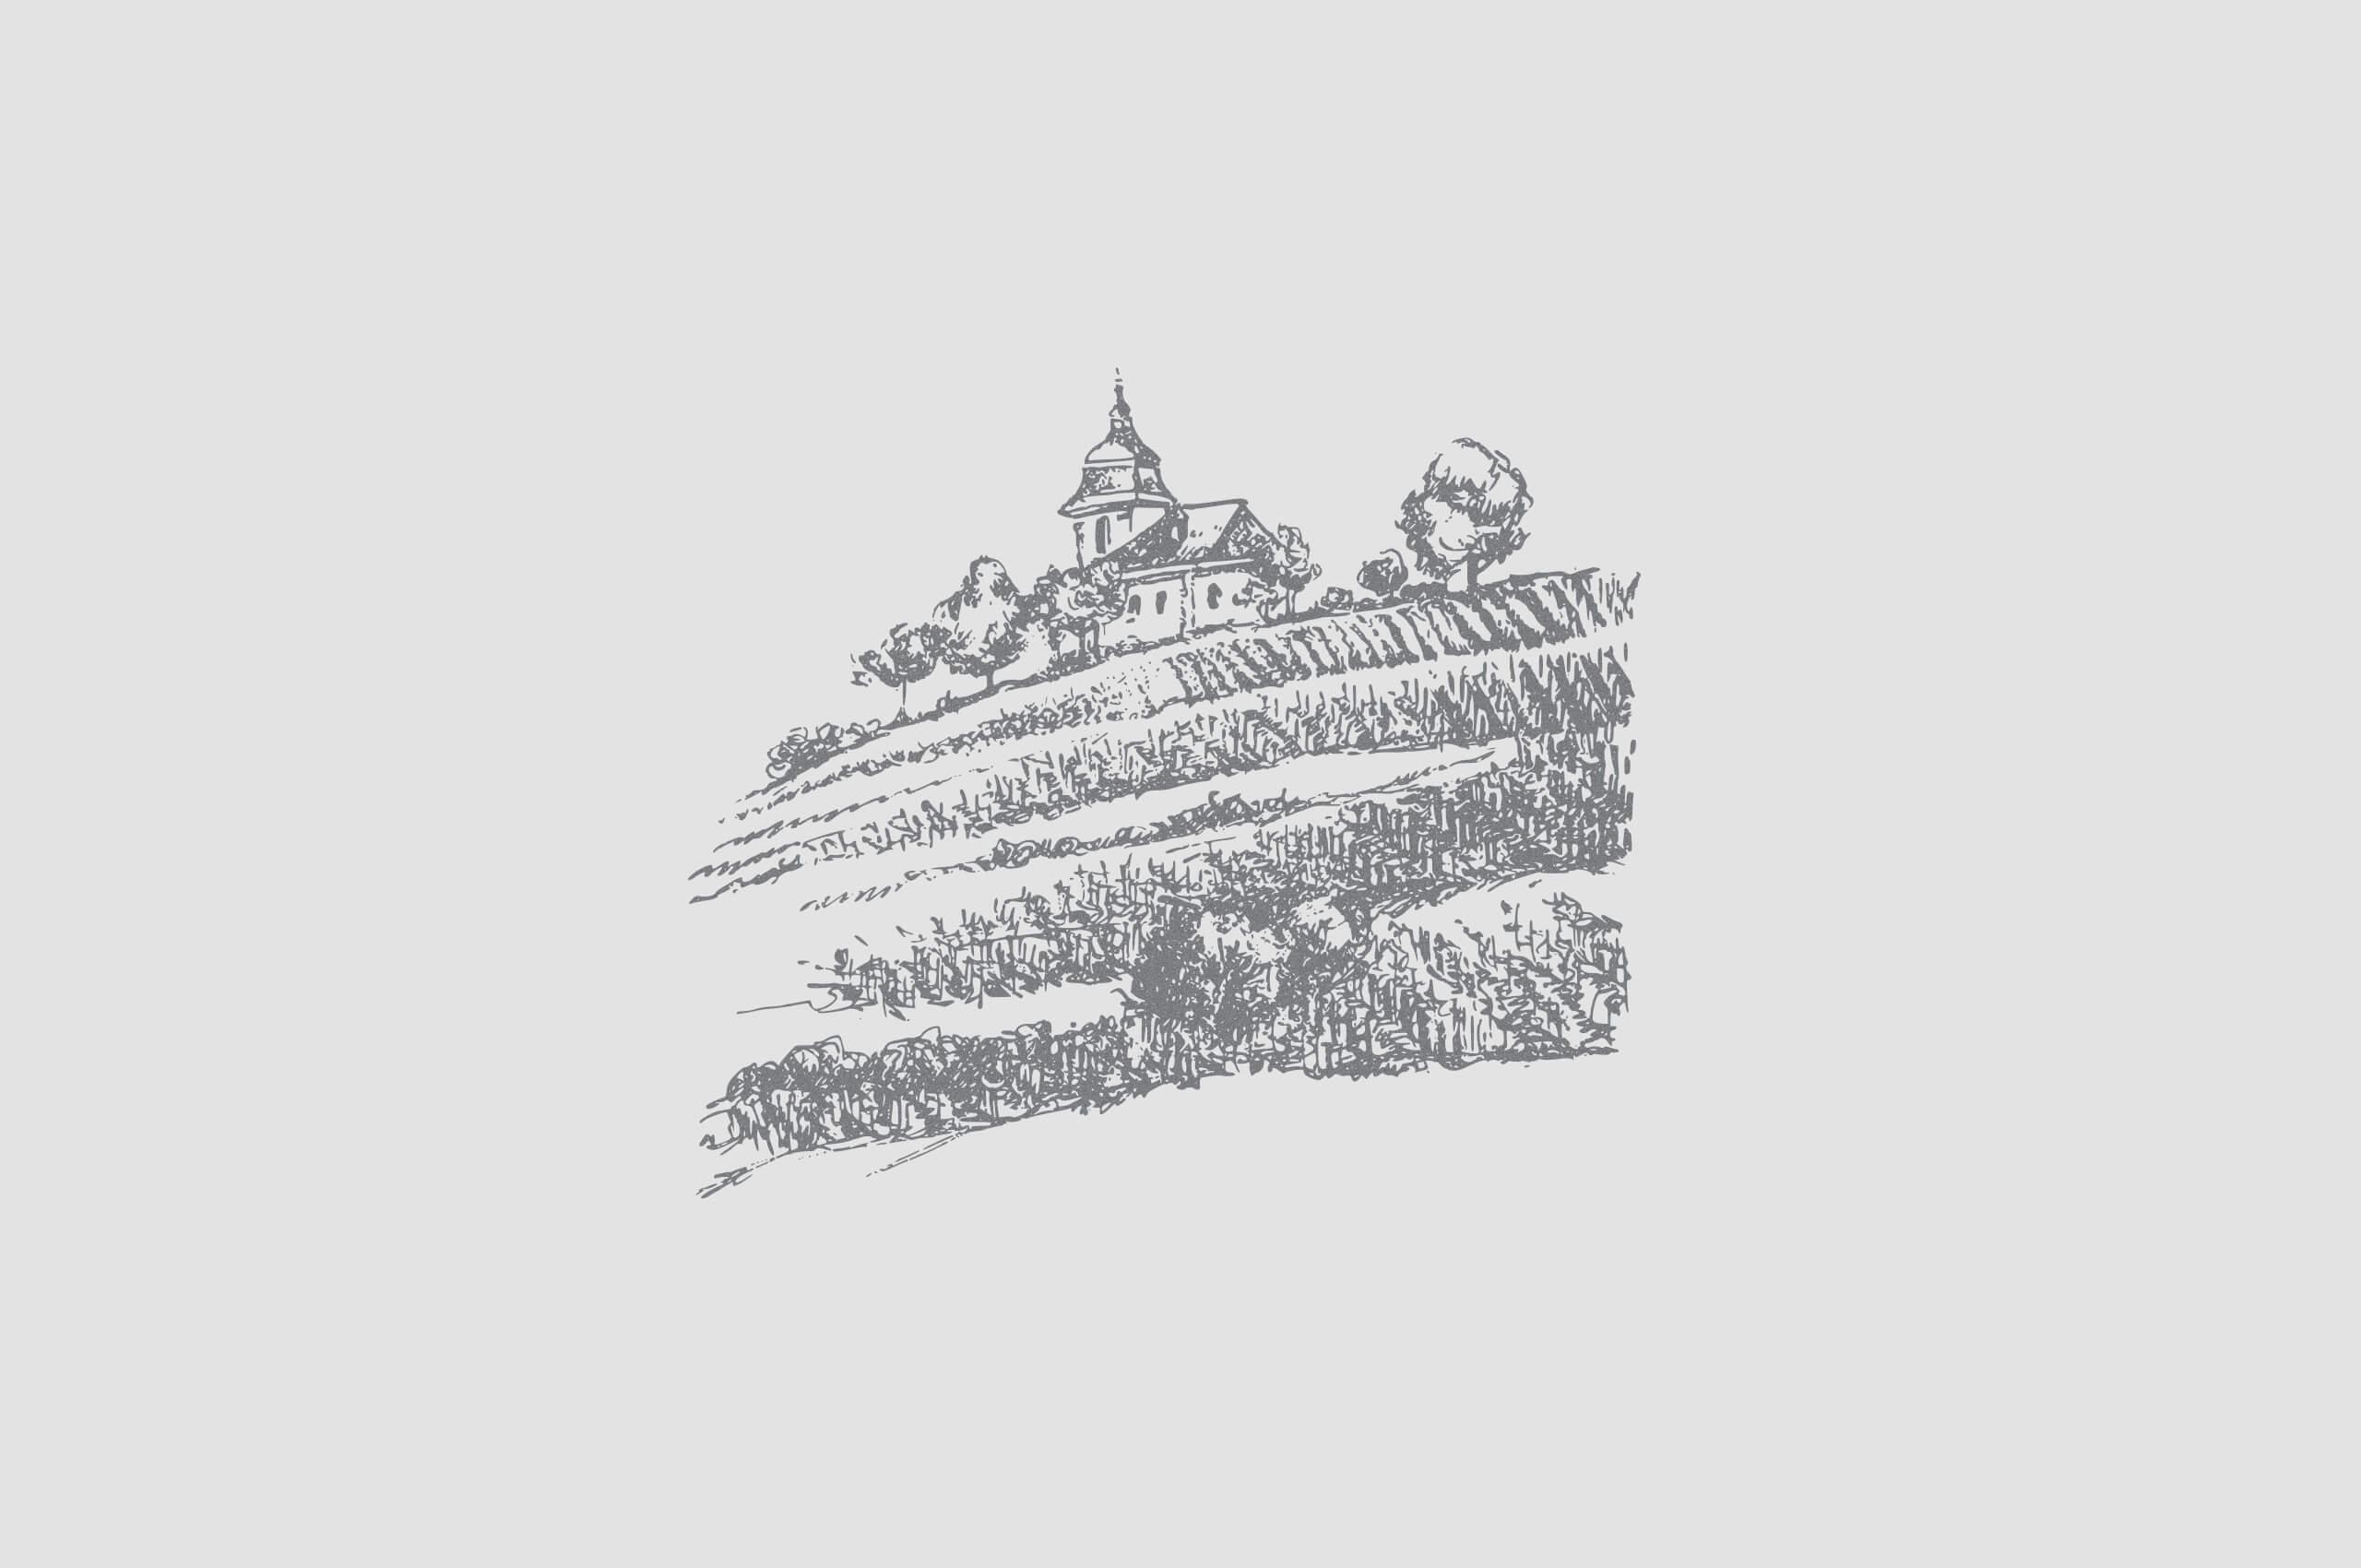 libechov-ver2-2